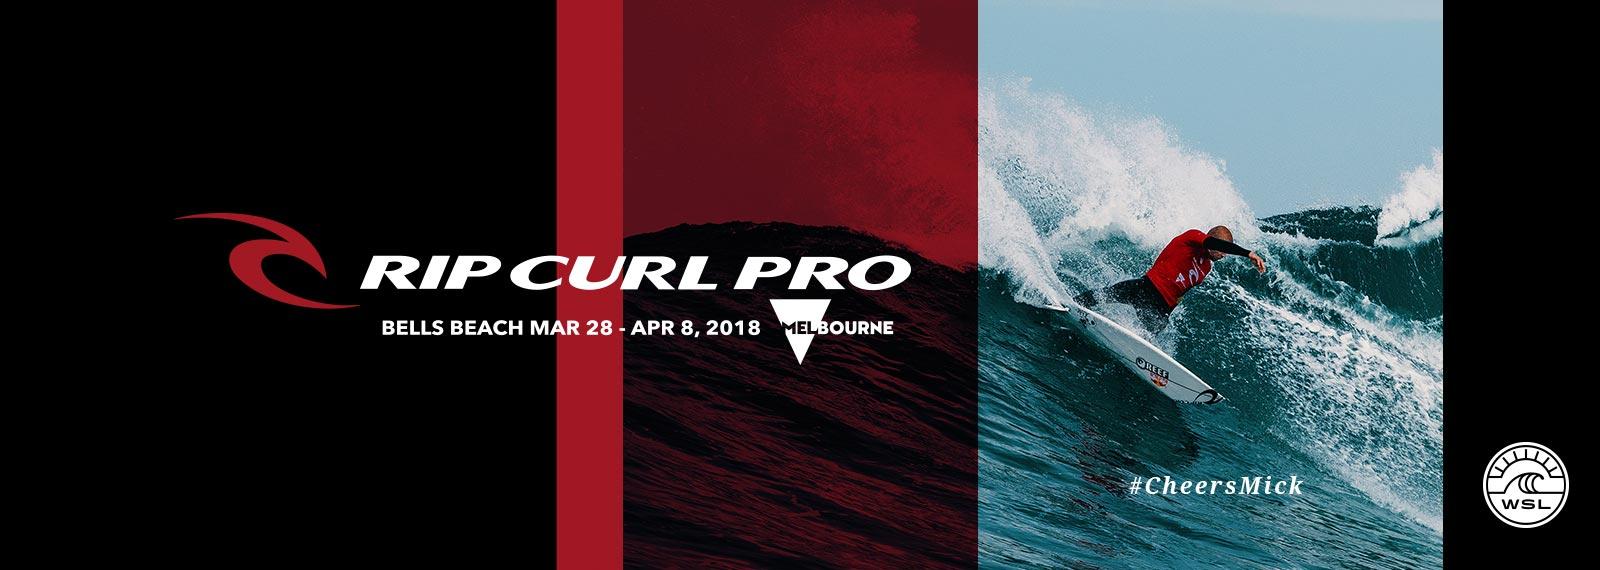 Rip-Curl-Pro-2018-Desktop-8406e9ca-169b-45fe-9468-4ebb1d5f6567